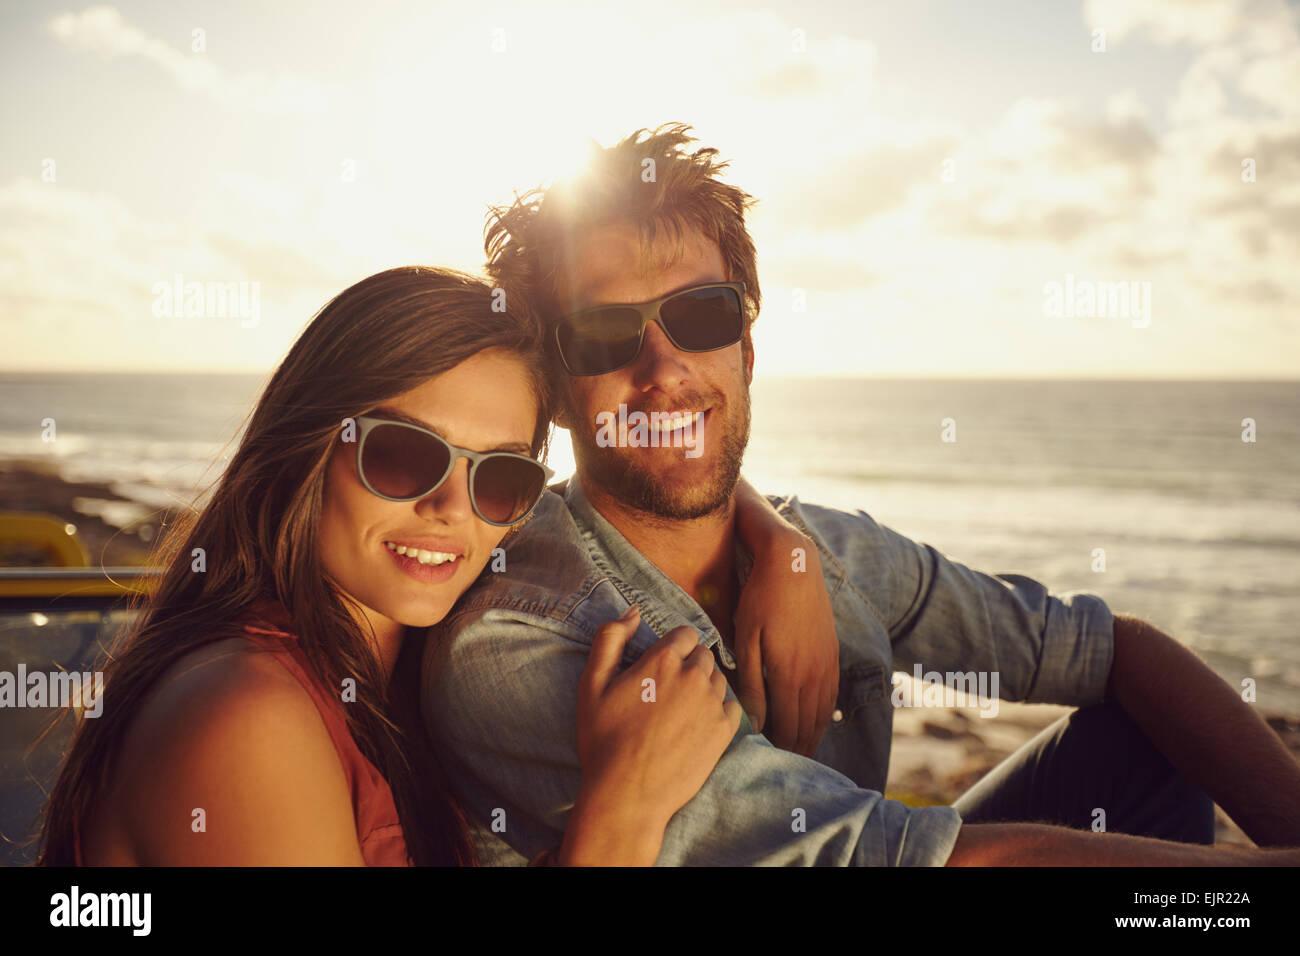 Retrato de hermosa pareja joven con gafas de sol mirando a la cámara mientras estaba en un viaje por carretera. Imagen De Stock